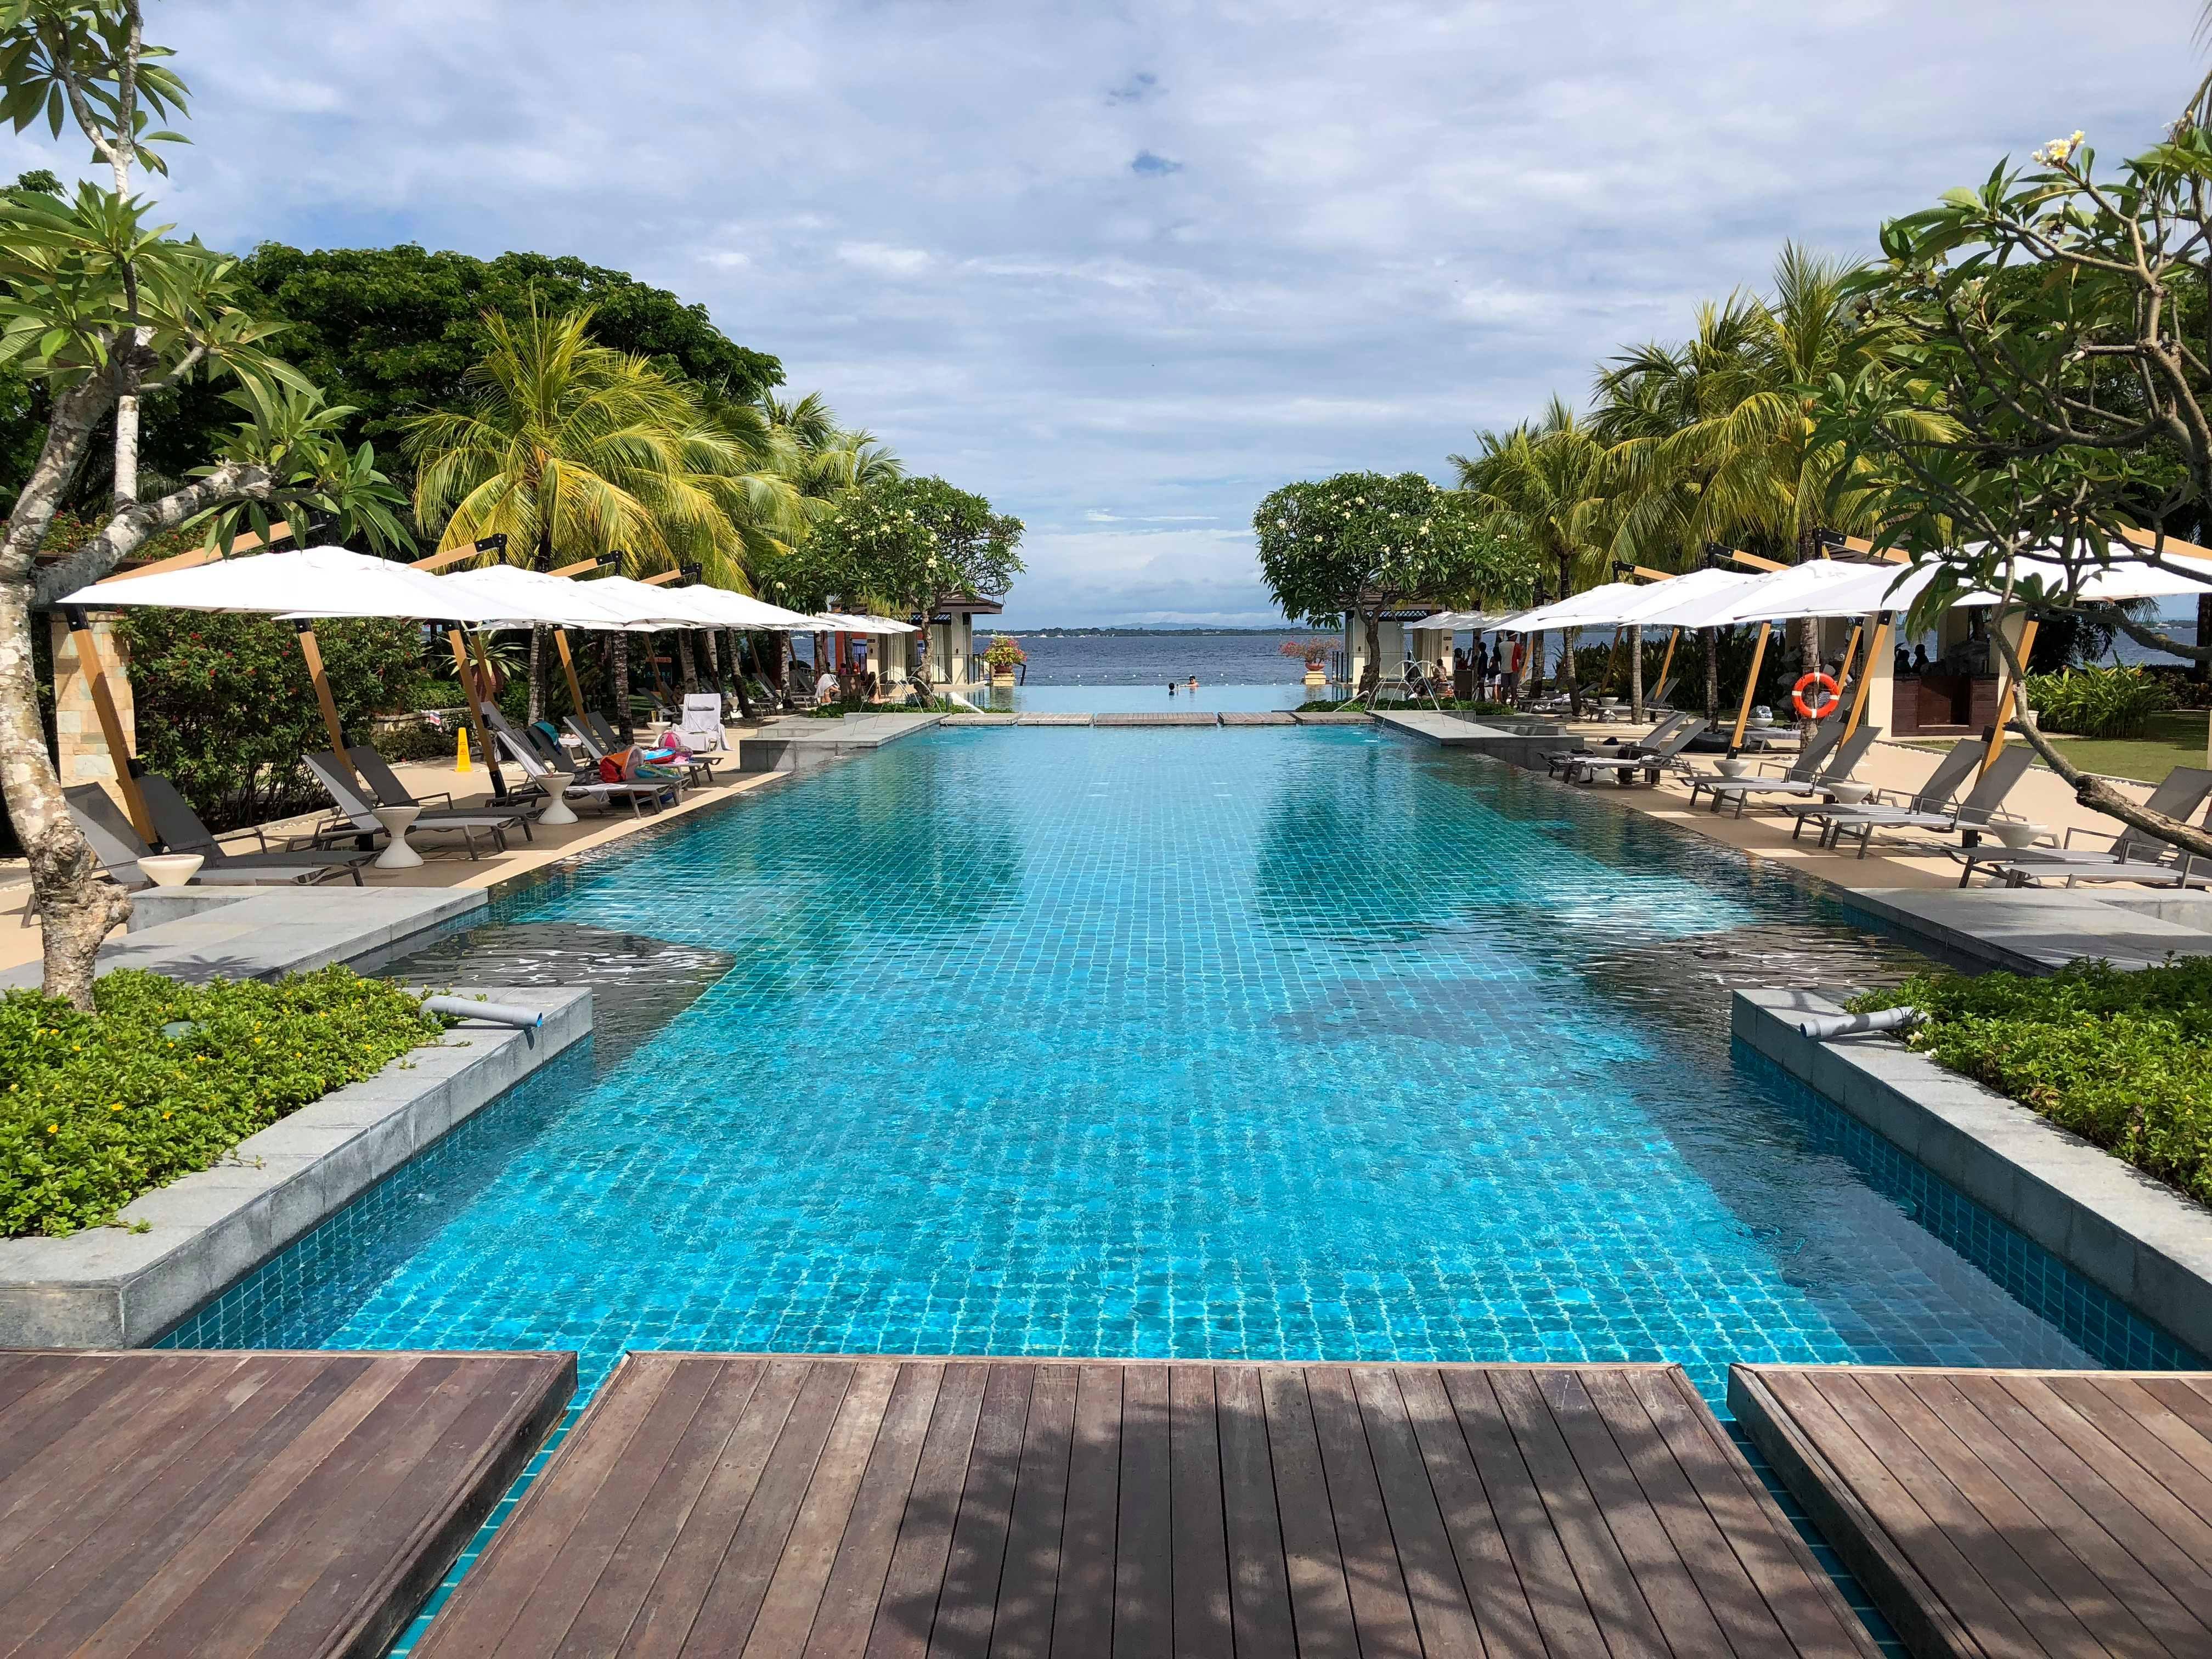 セブ島のリゾートホテル「クリムゾンリゾート&スパ」のデイユースを満喫しよう